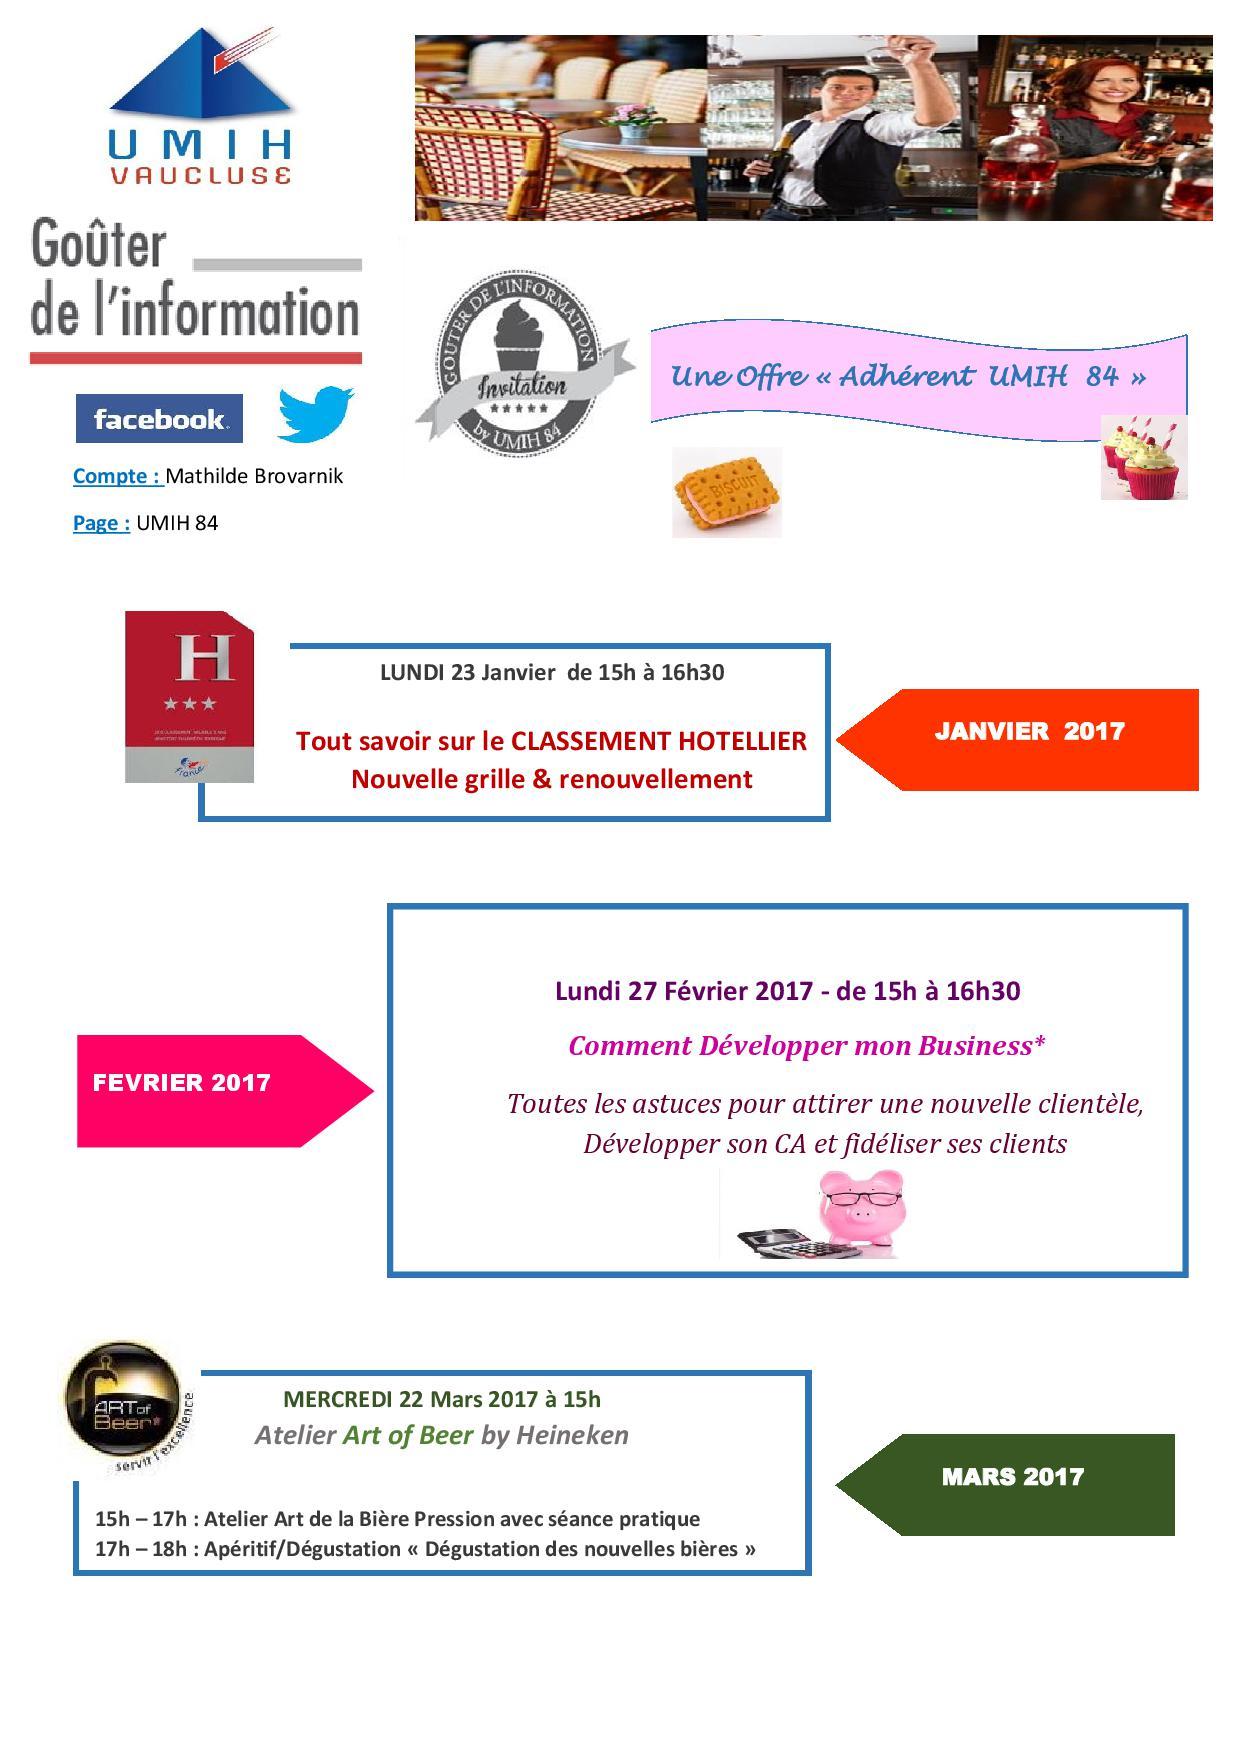 gouters-de-linformation-ateliers-1er-sem-2017-pdf